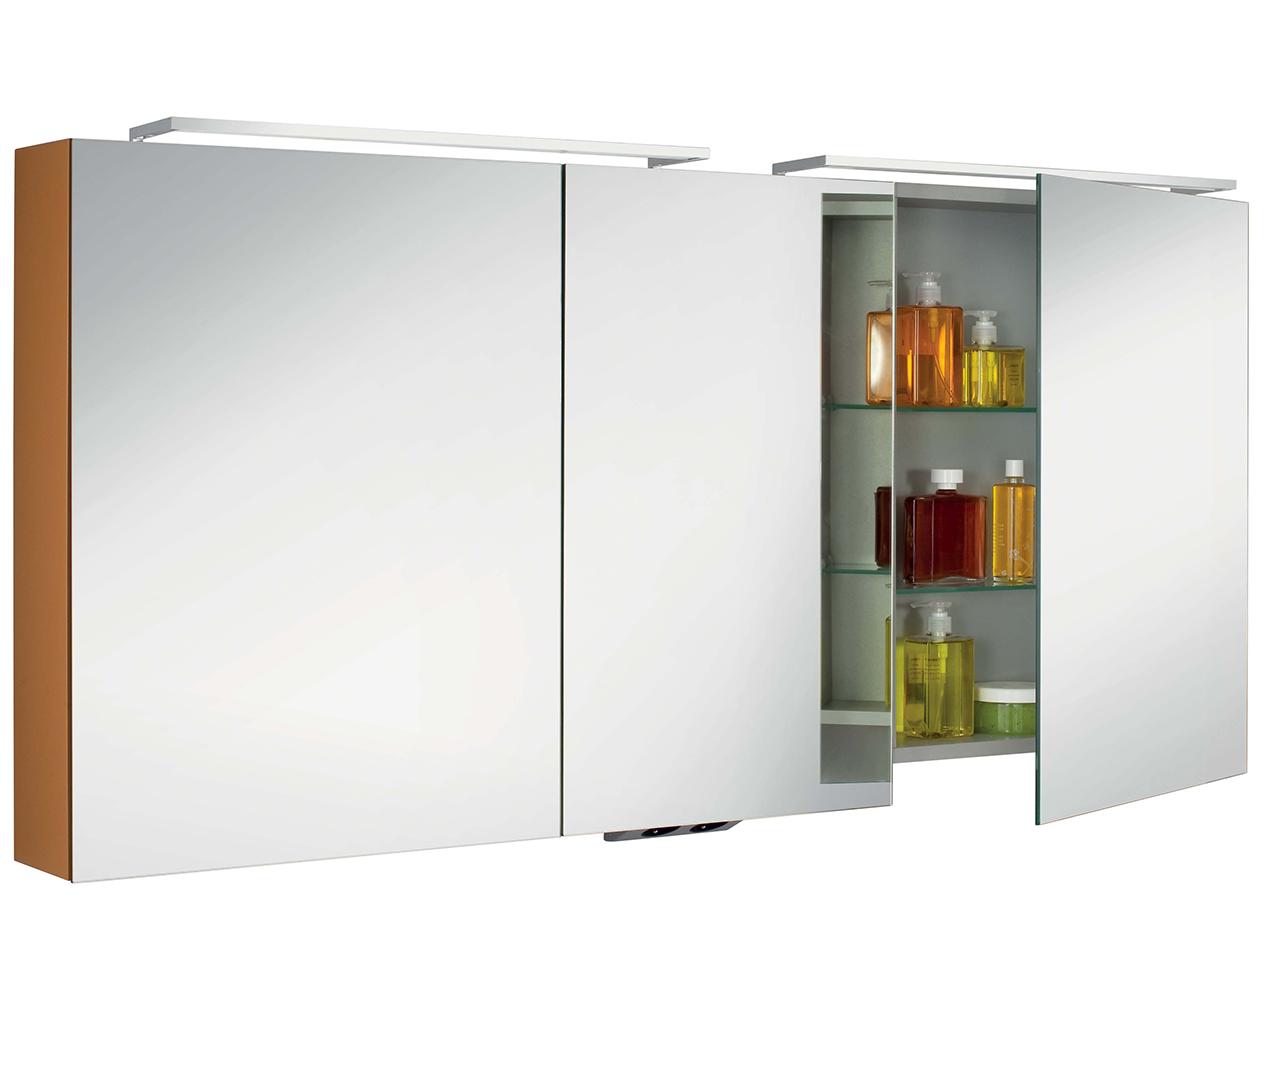 wide range professional sale hot products Gamme Box, armoire de salle de bain, armoire toilette - Sanijura